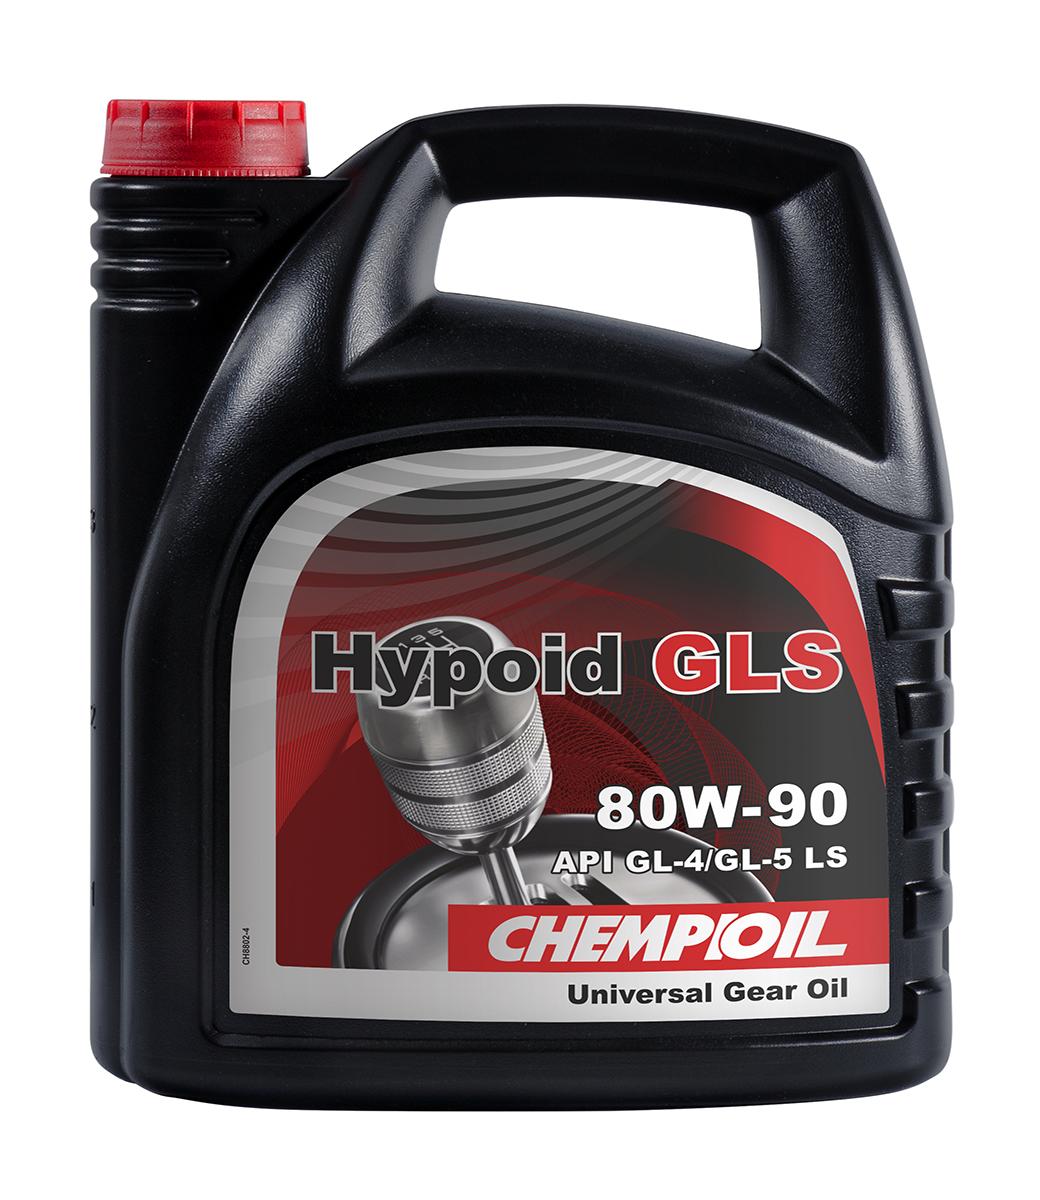 HYPOID GLS 80W-90